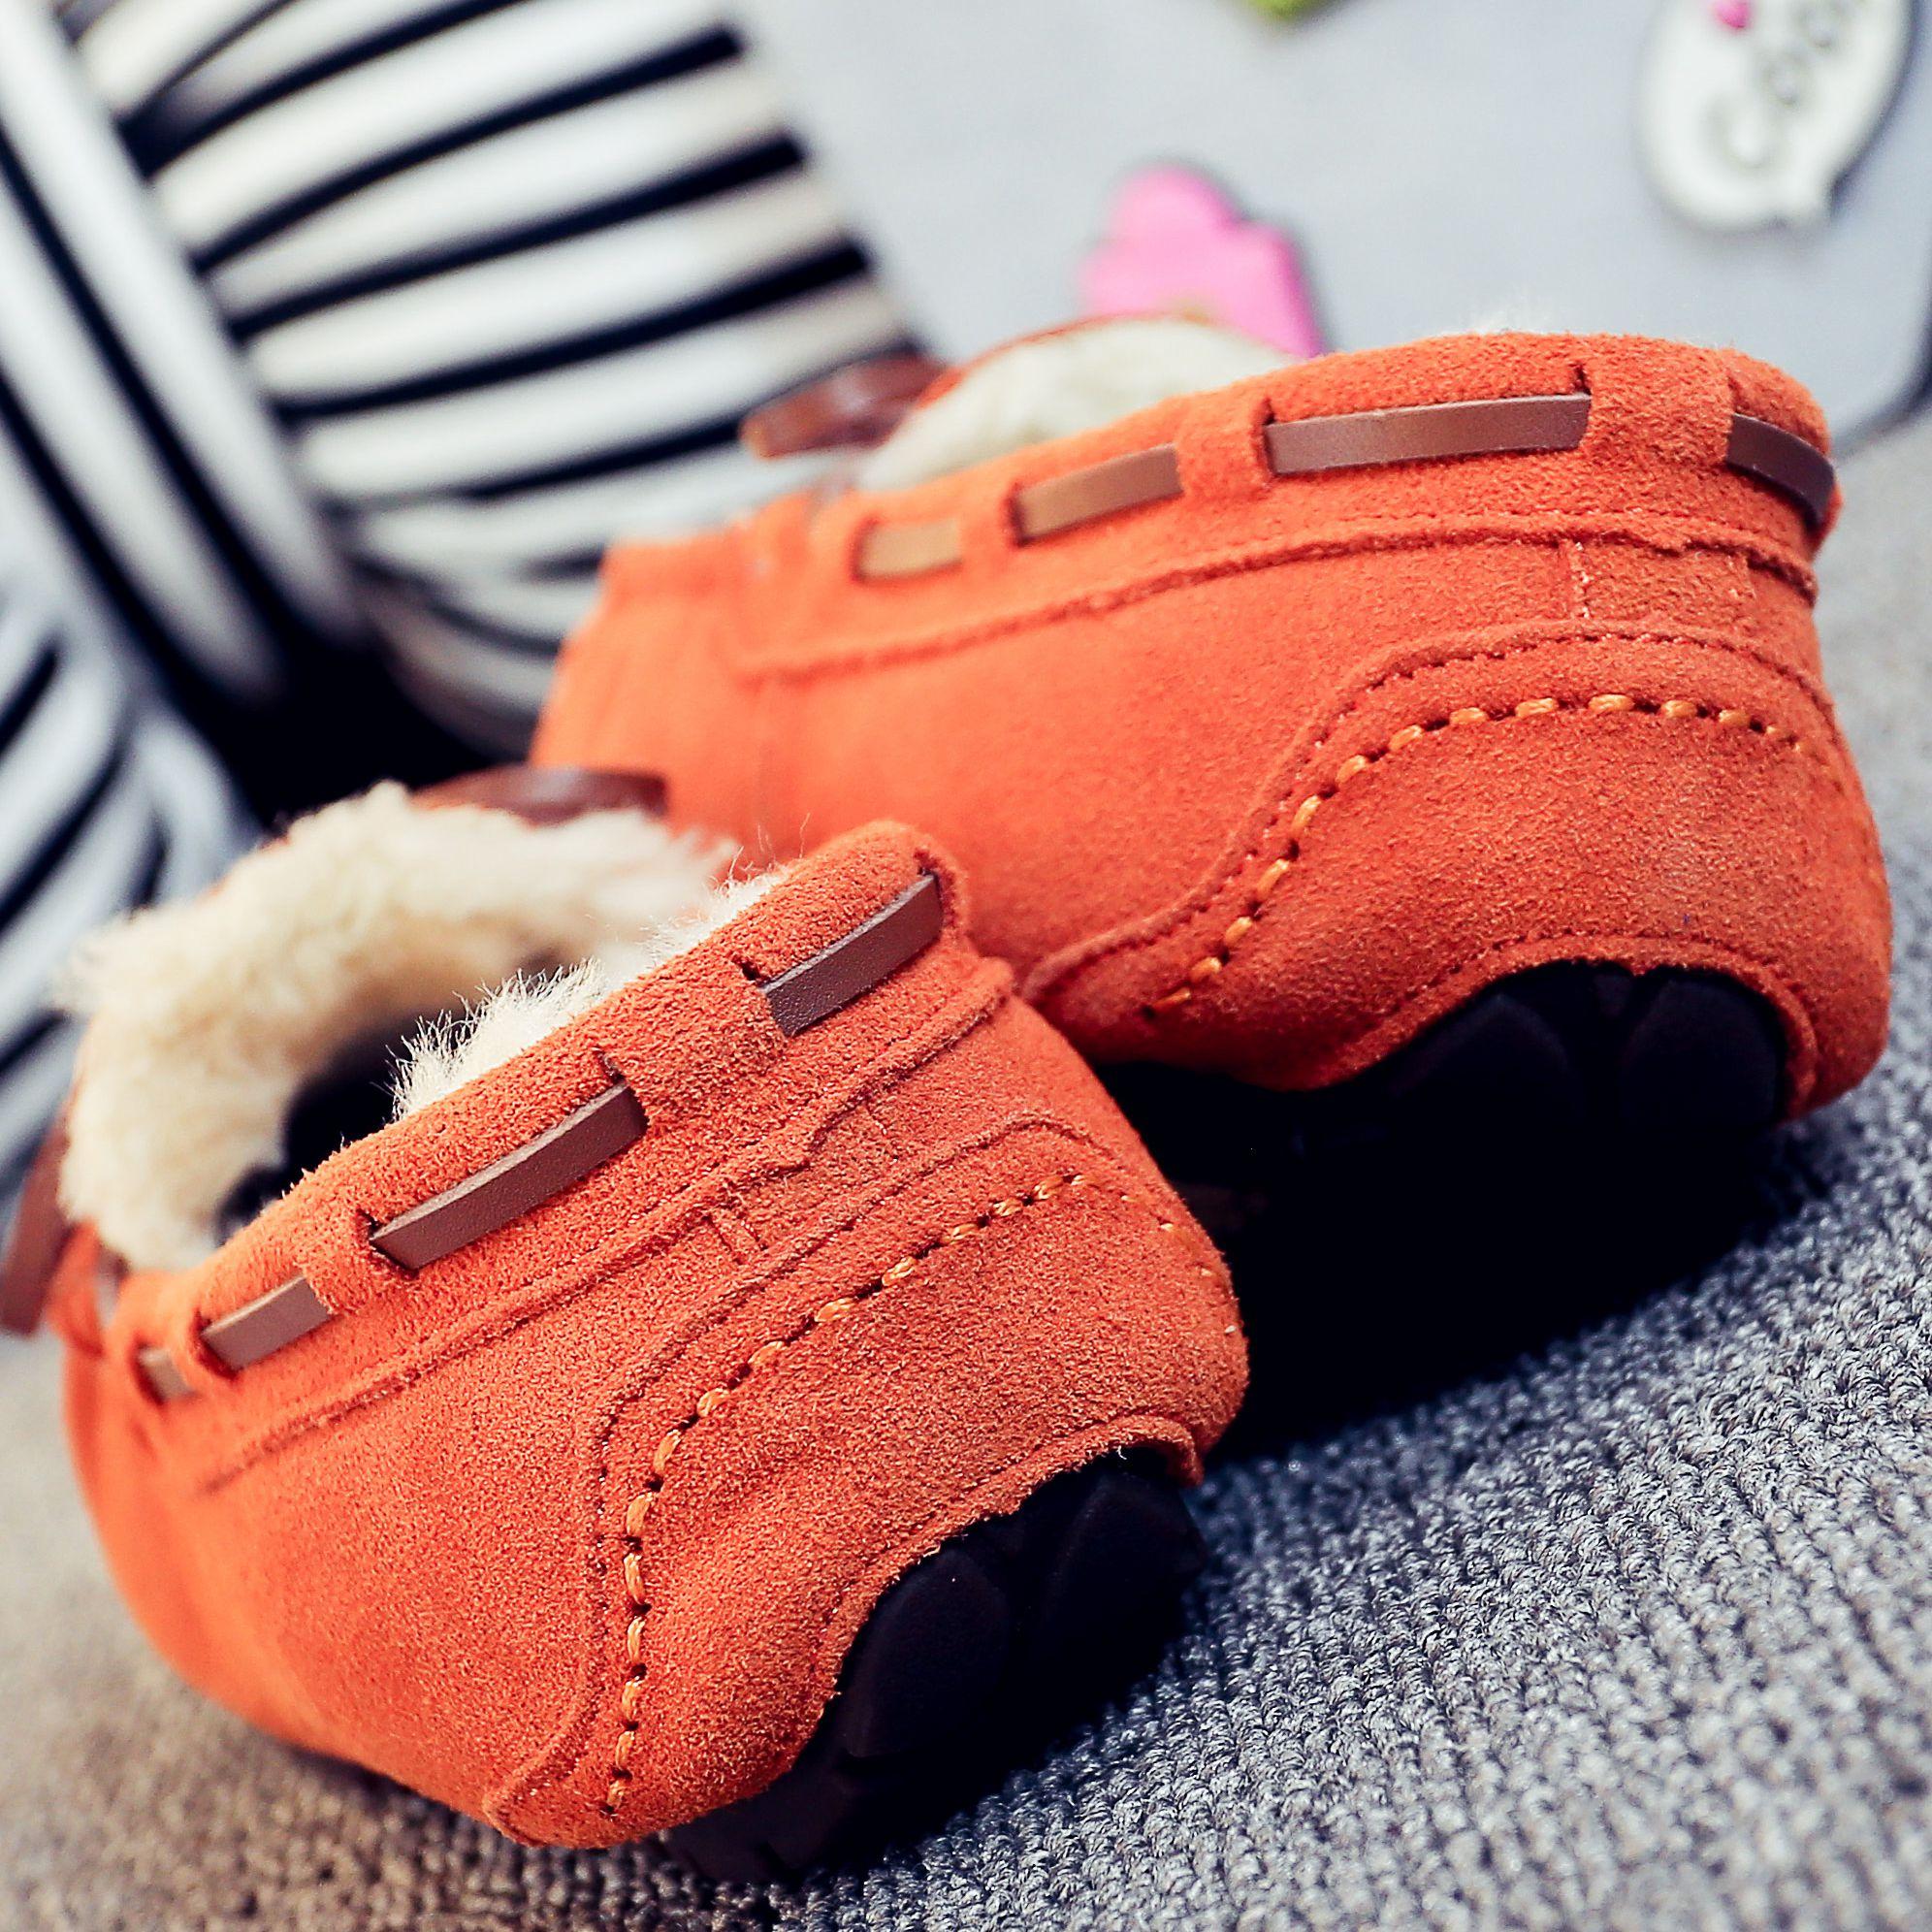 真皮豆豆鞋 清仓羊皮毛一体豆豆鞋女真皮羊毛加绒冬季防滑保暖平底单鞋雪地靴_推荐淘宝好看的女真皮豆豆鞋